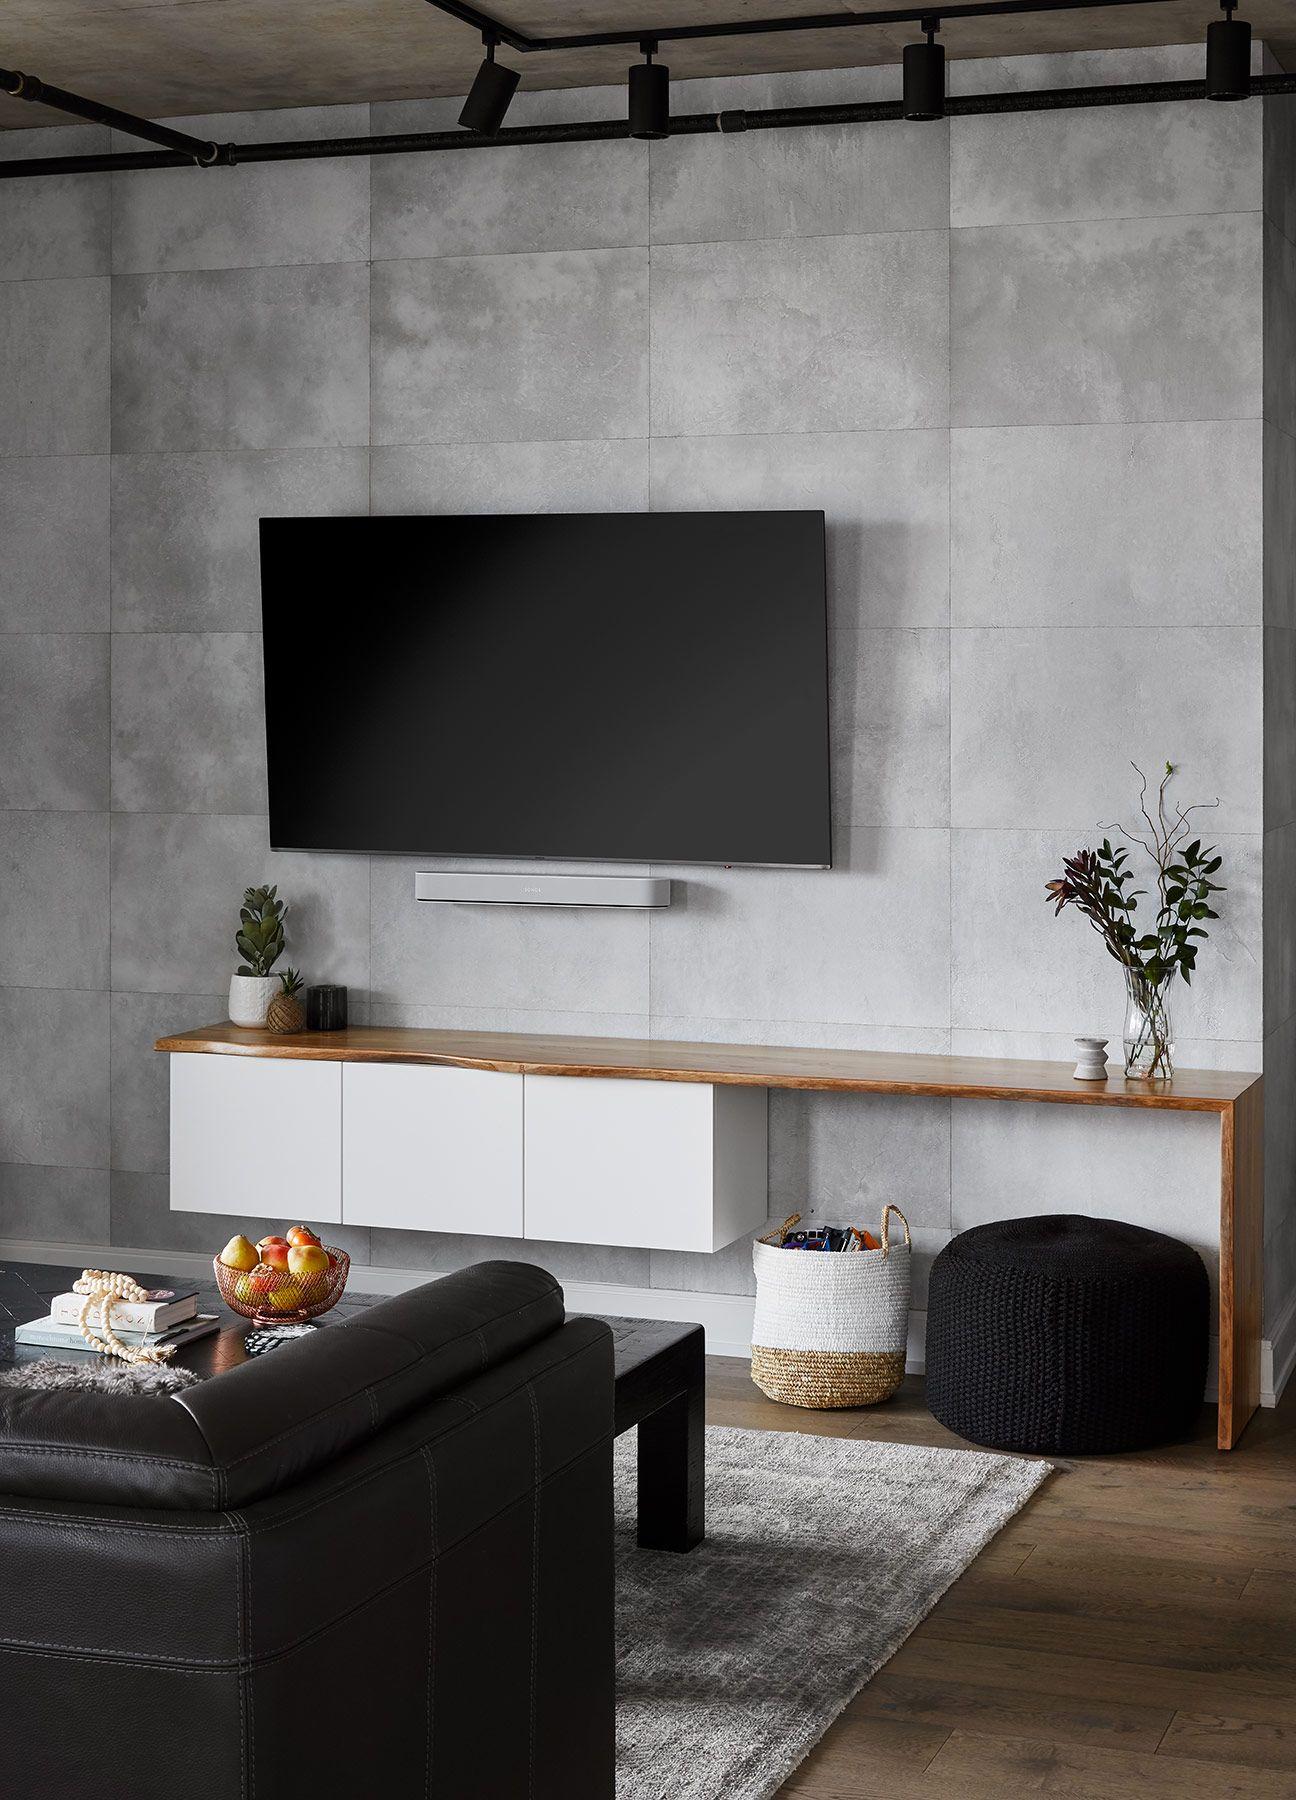 Concrete Wallpaper Media Wall Devon Grace Interiors In 2020 Condo Living Room Concrete Walls Bedroom Concrete Walls Interior